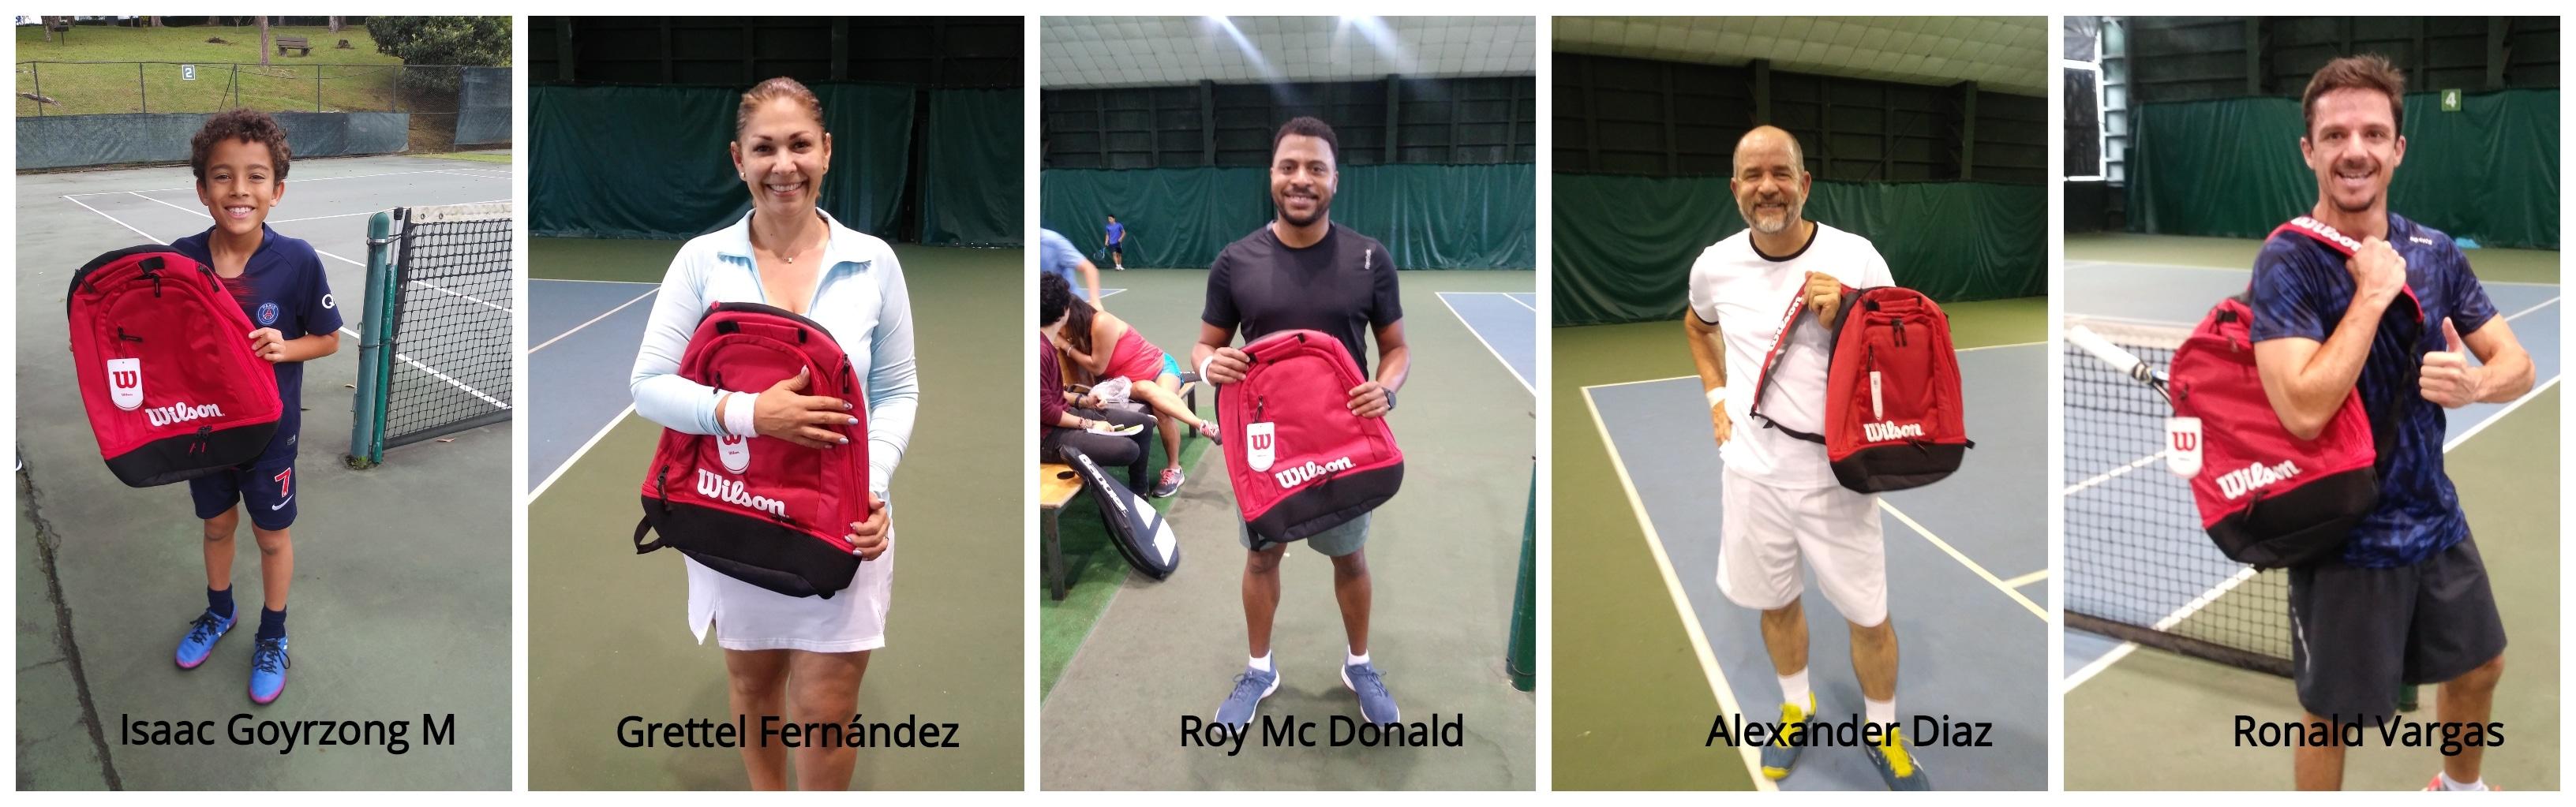 Final de torneo de Tenis